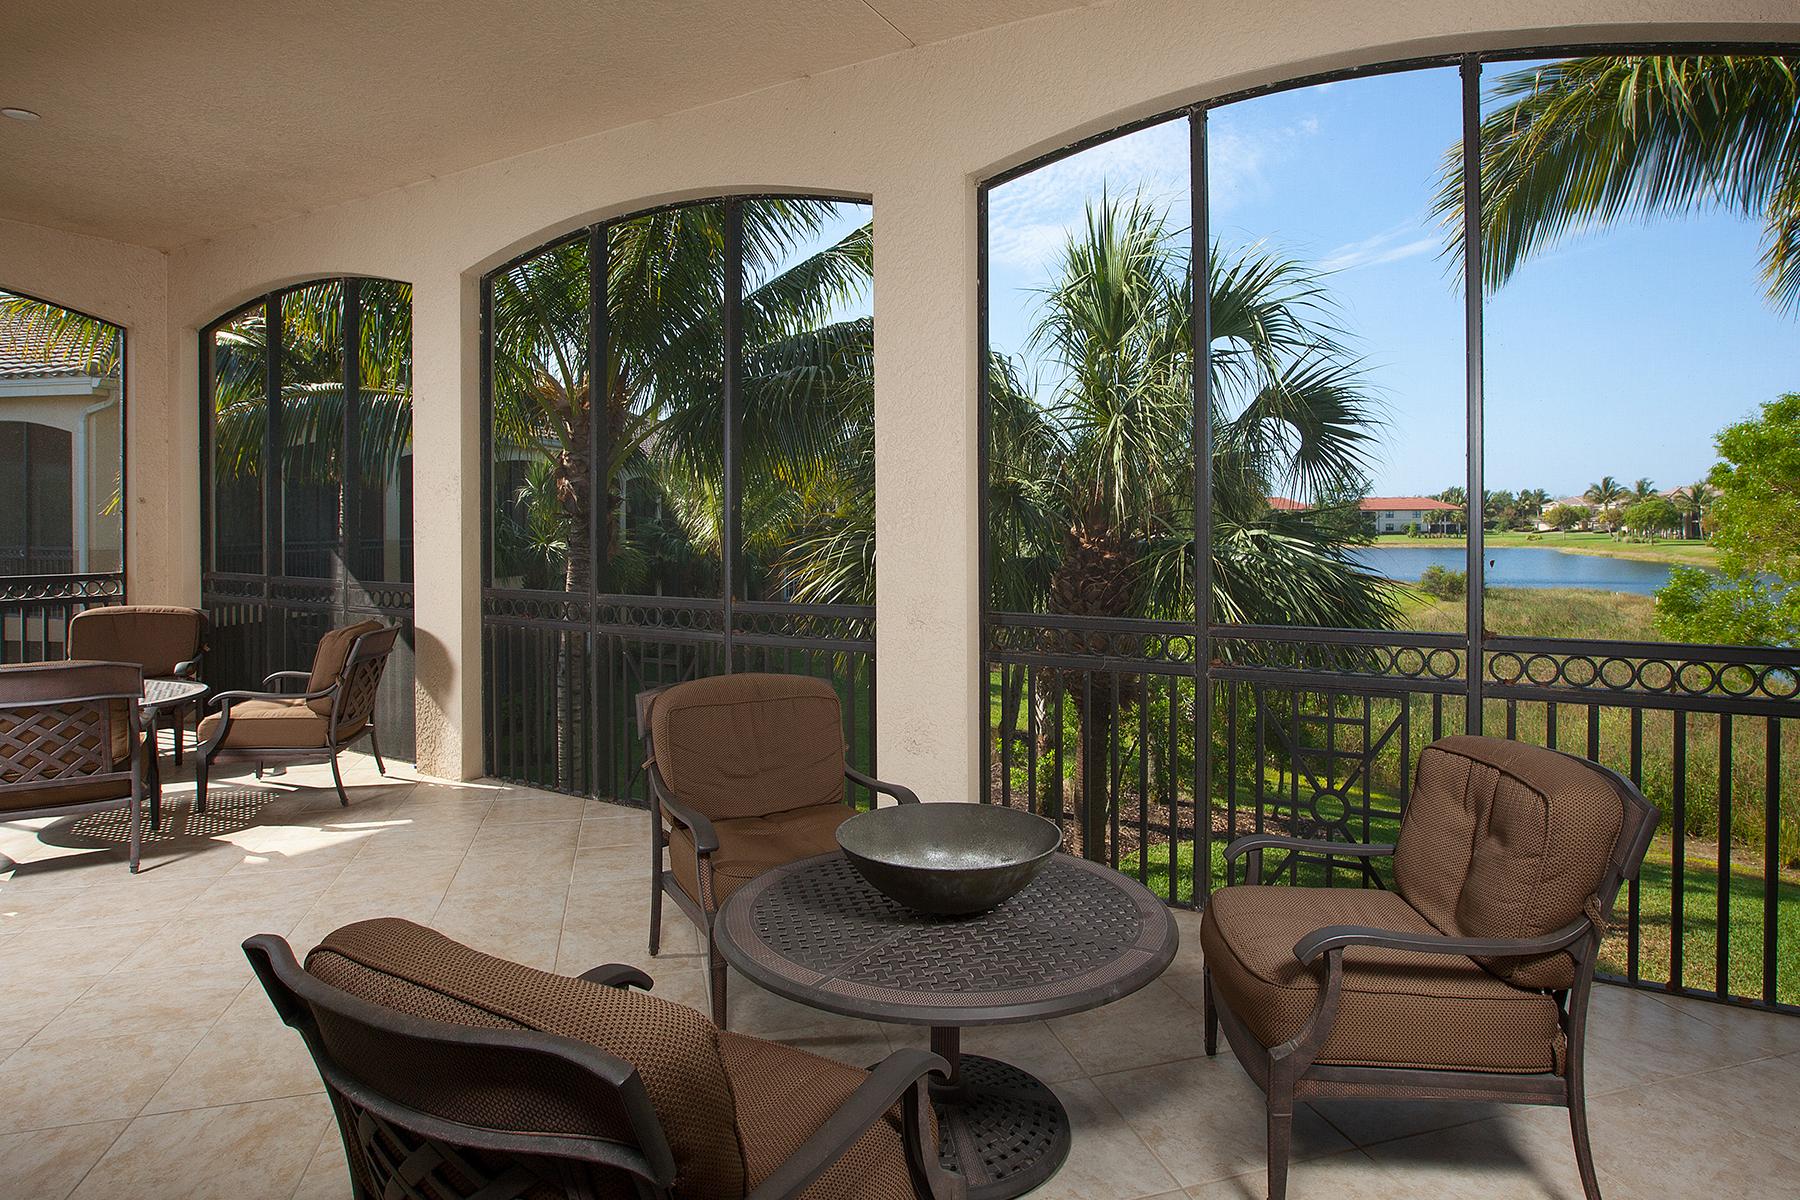 Eigentumswohnung für Verkauf beim FIDDLERS CREEK 3053 Aviamar Cir 201, Naples, Florida, 34114 Vereinigte Staaten